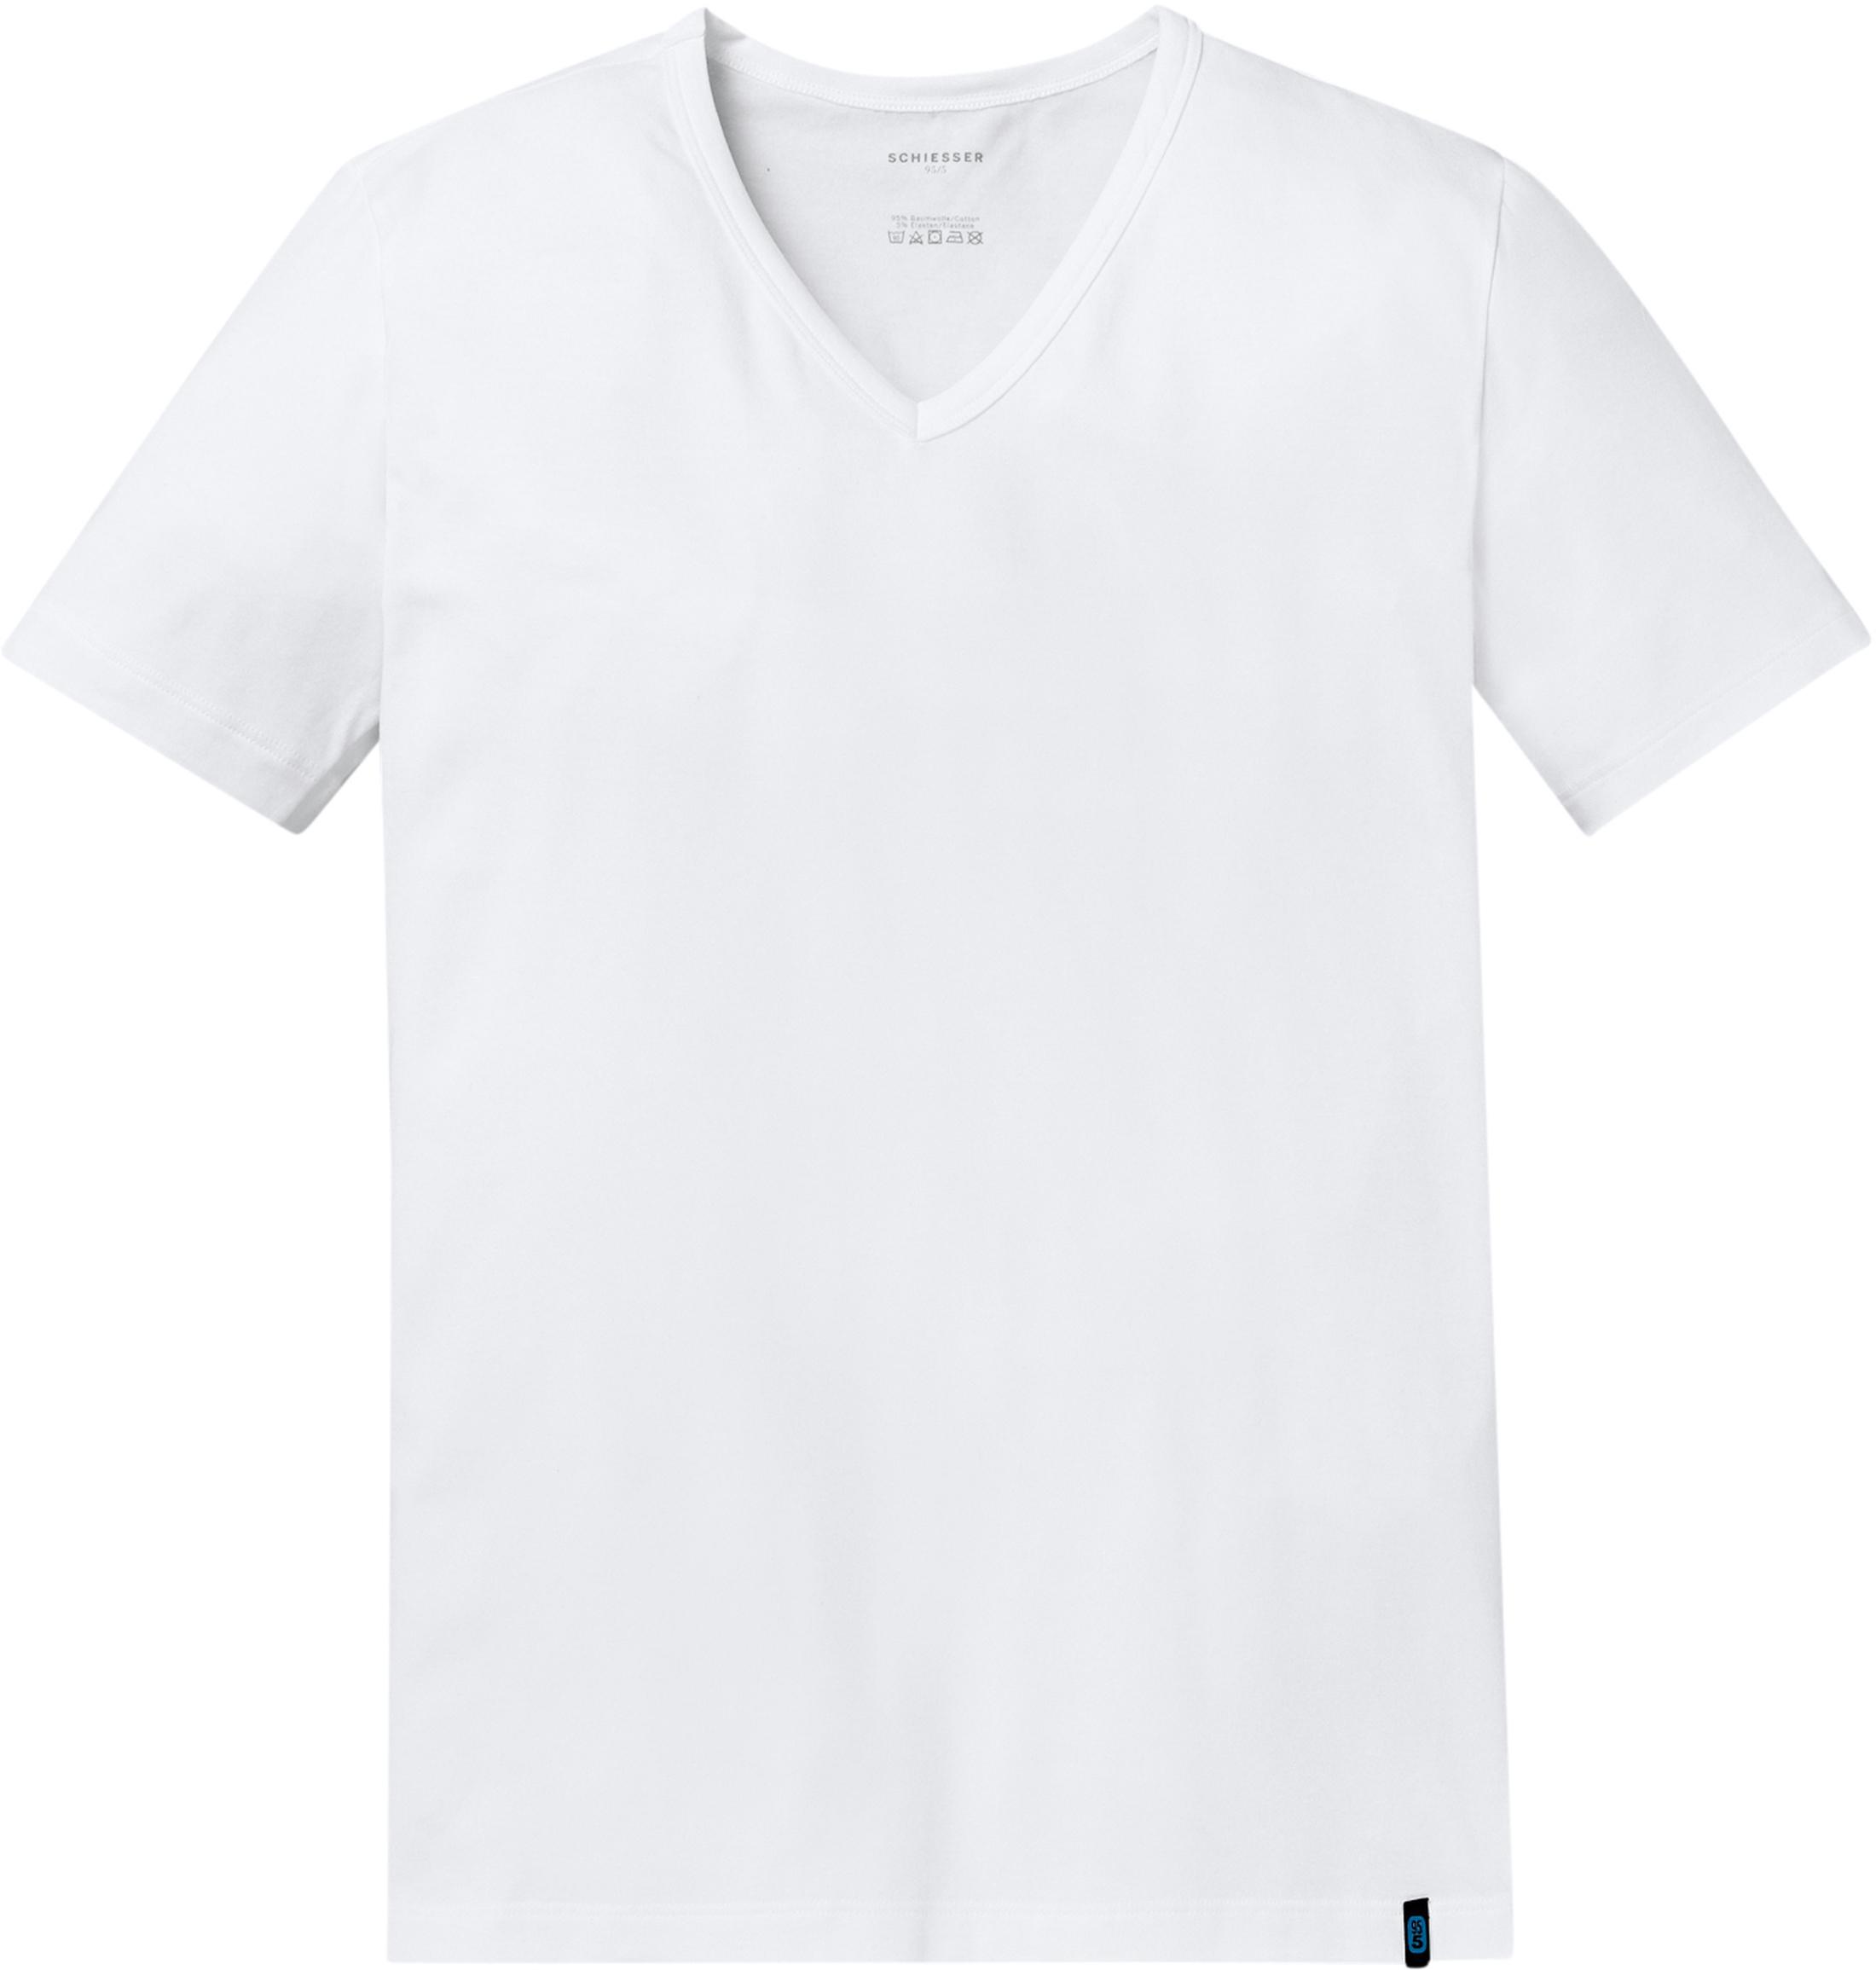 Schiesser T-shirt V-Neck White